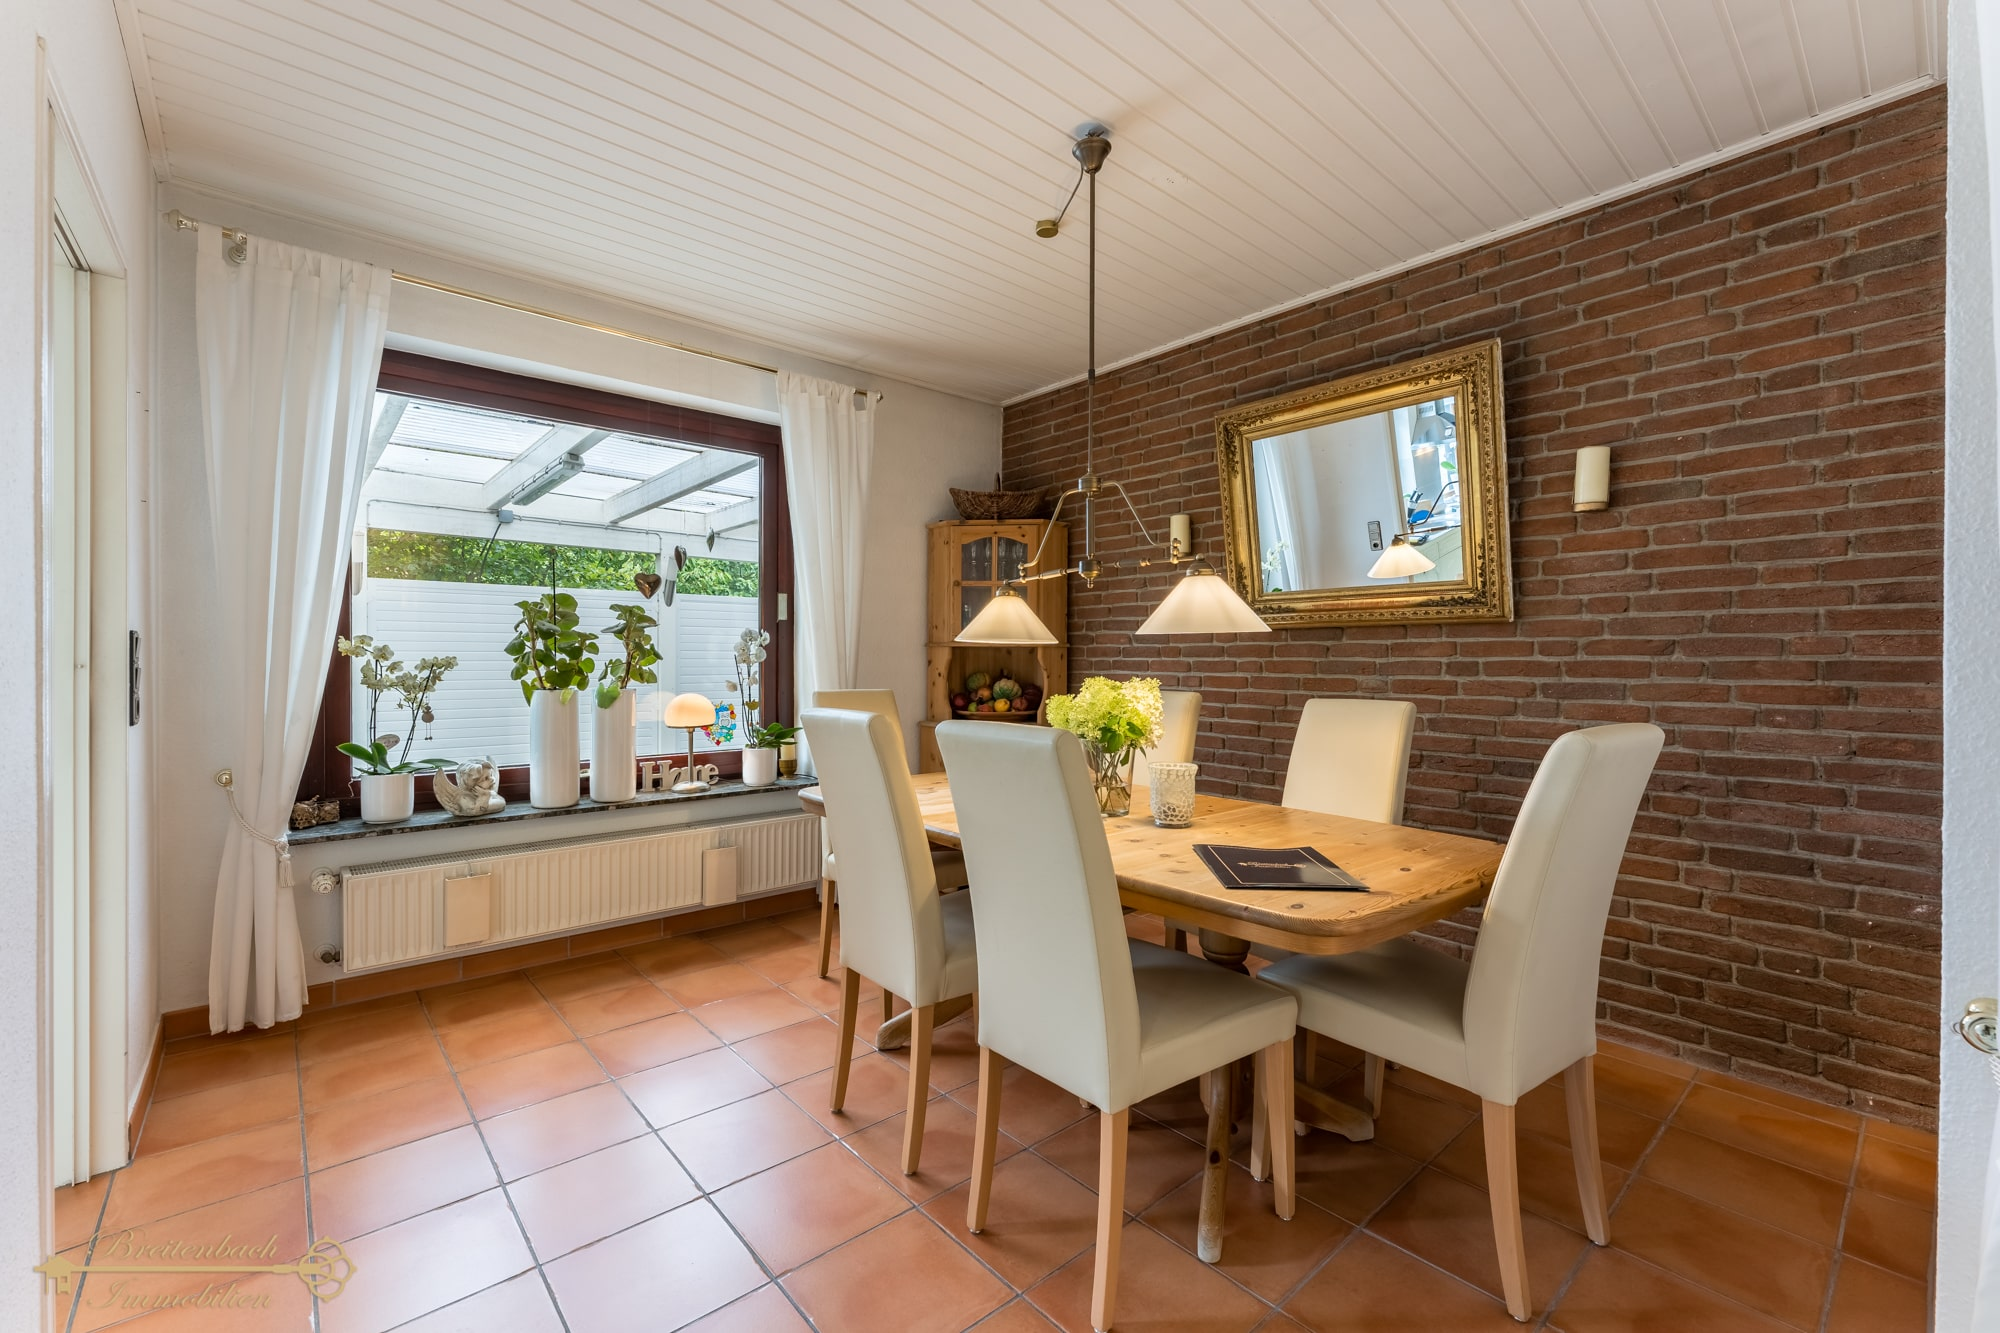 2021-07-23-Breitenbach-Immobilien-Makler-Bremen-16-min